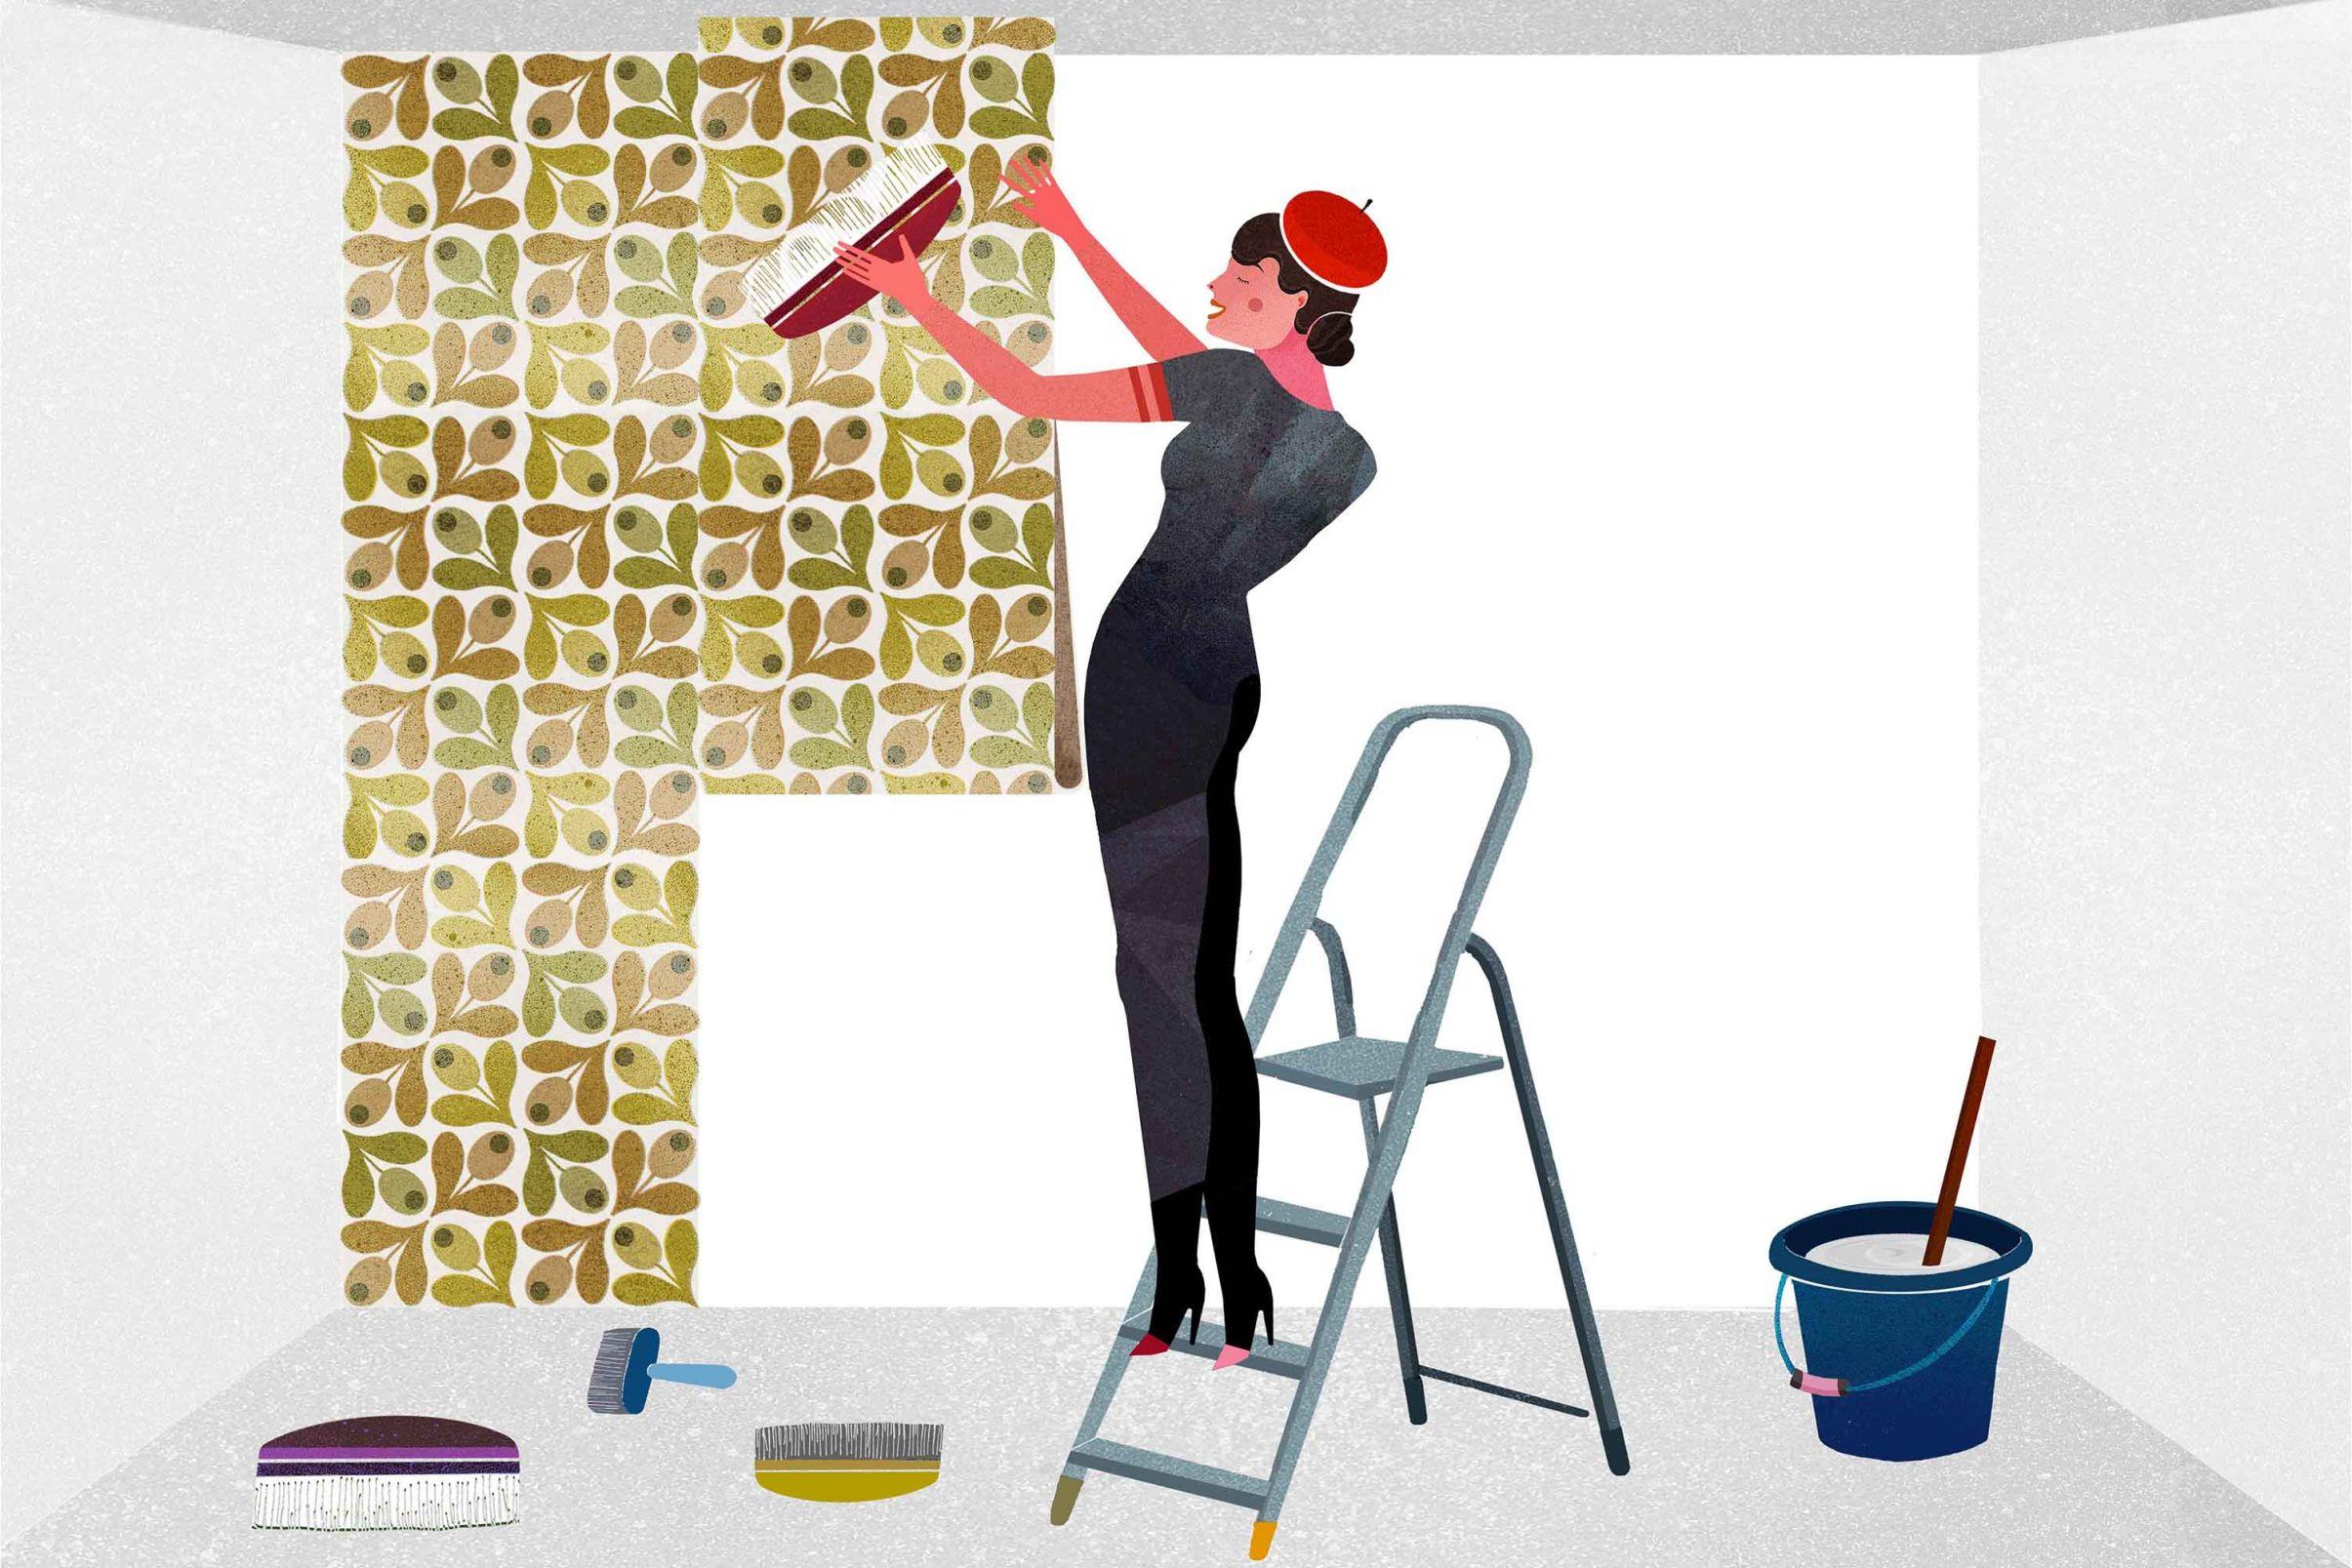 Como-pendurar-papel-de-parede-a-base-de-papel-Coloque-as-tiras-de-papel-de-parede-na-parede